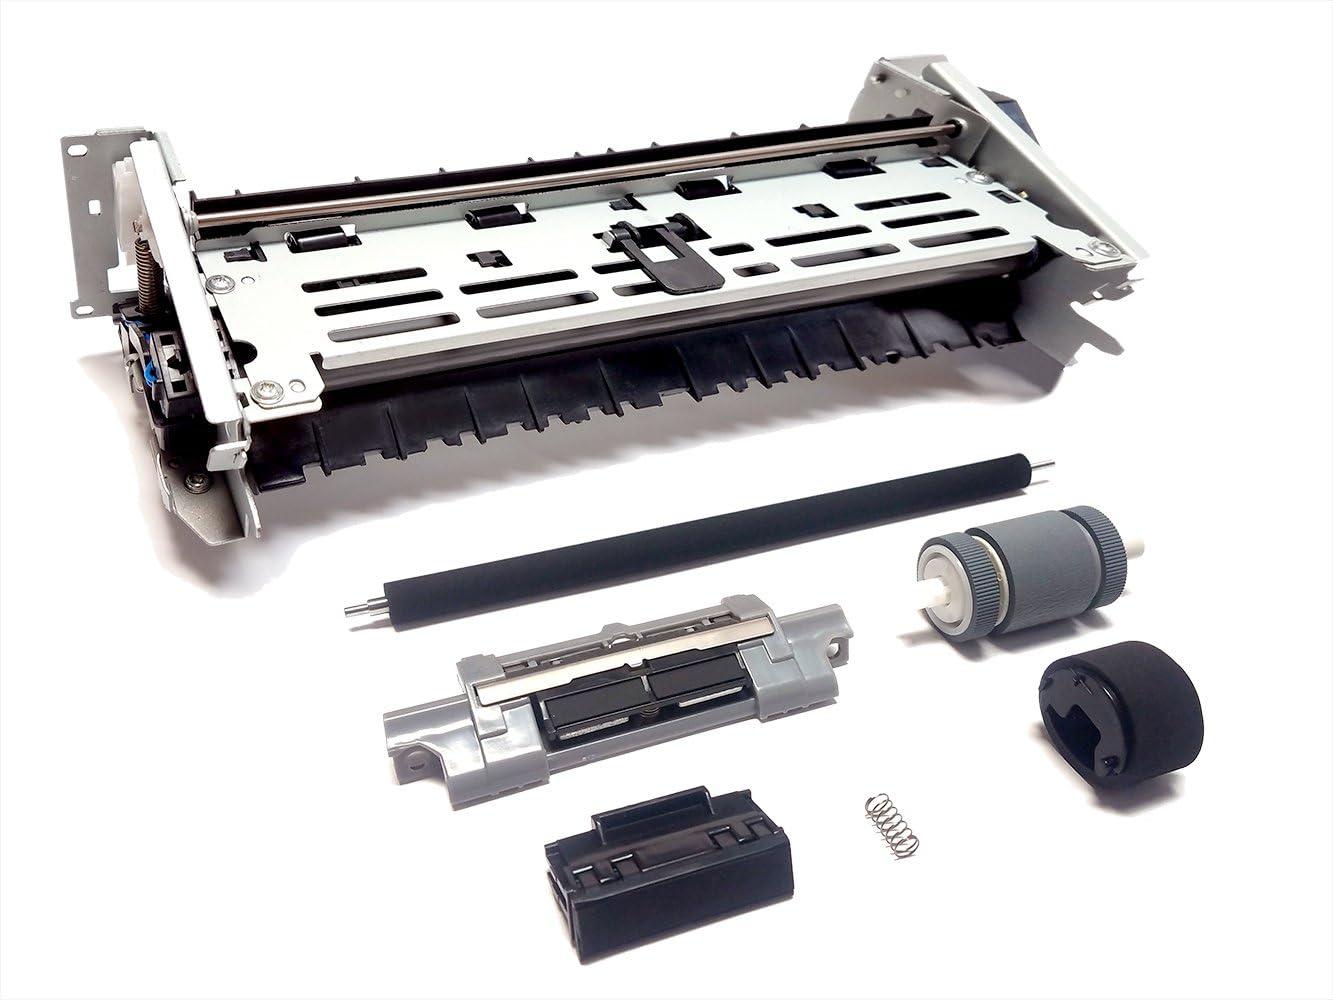 Altru Print M401-MK-AP Maintenance Kit for HP Laserjet M401 / M425 (110V) Includes RM1-8808 Fuser, Transfer Roller & Tray 1/2 Rollers (Renewed) 71Ky1cXnHPLSL1333_